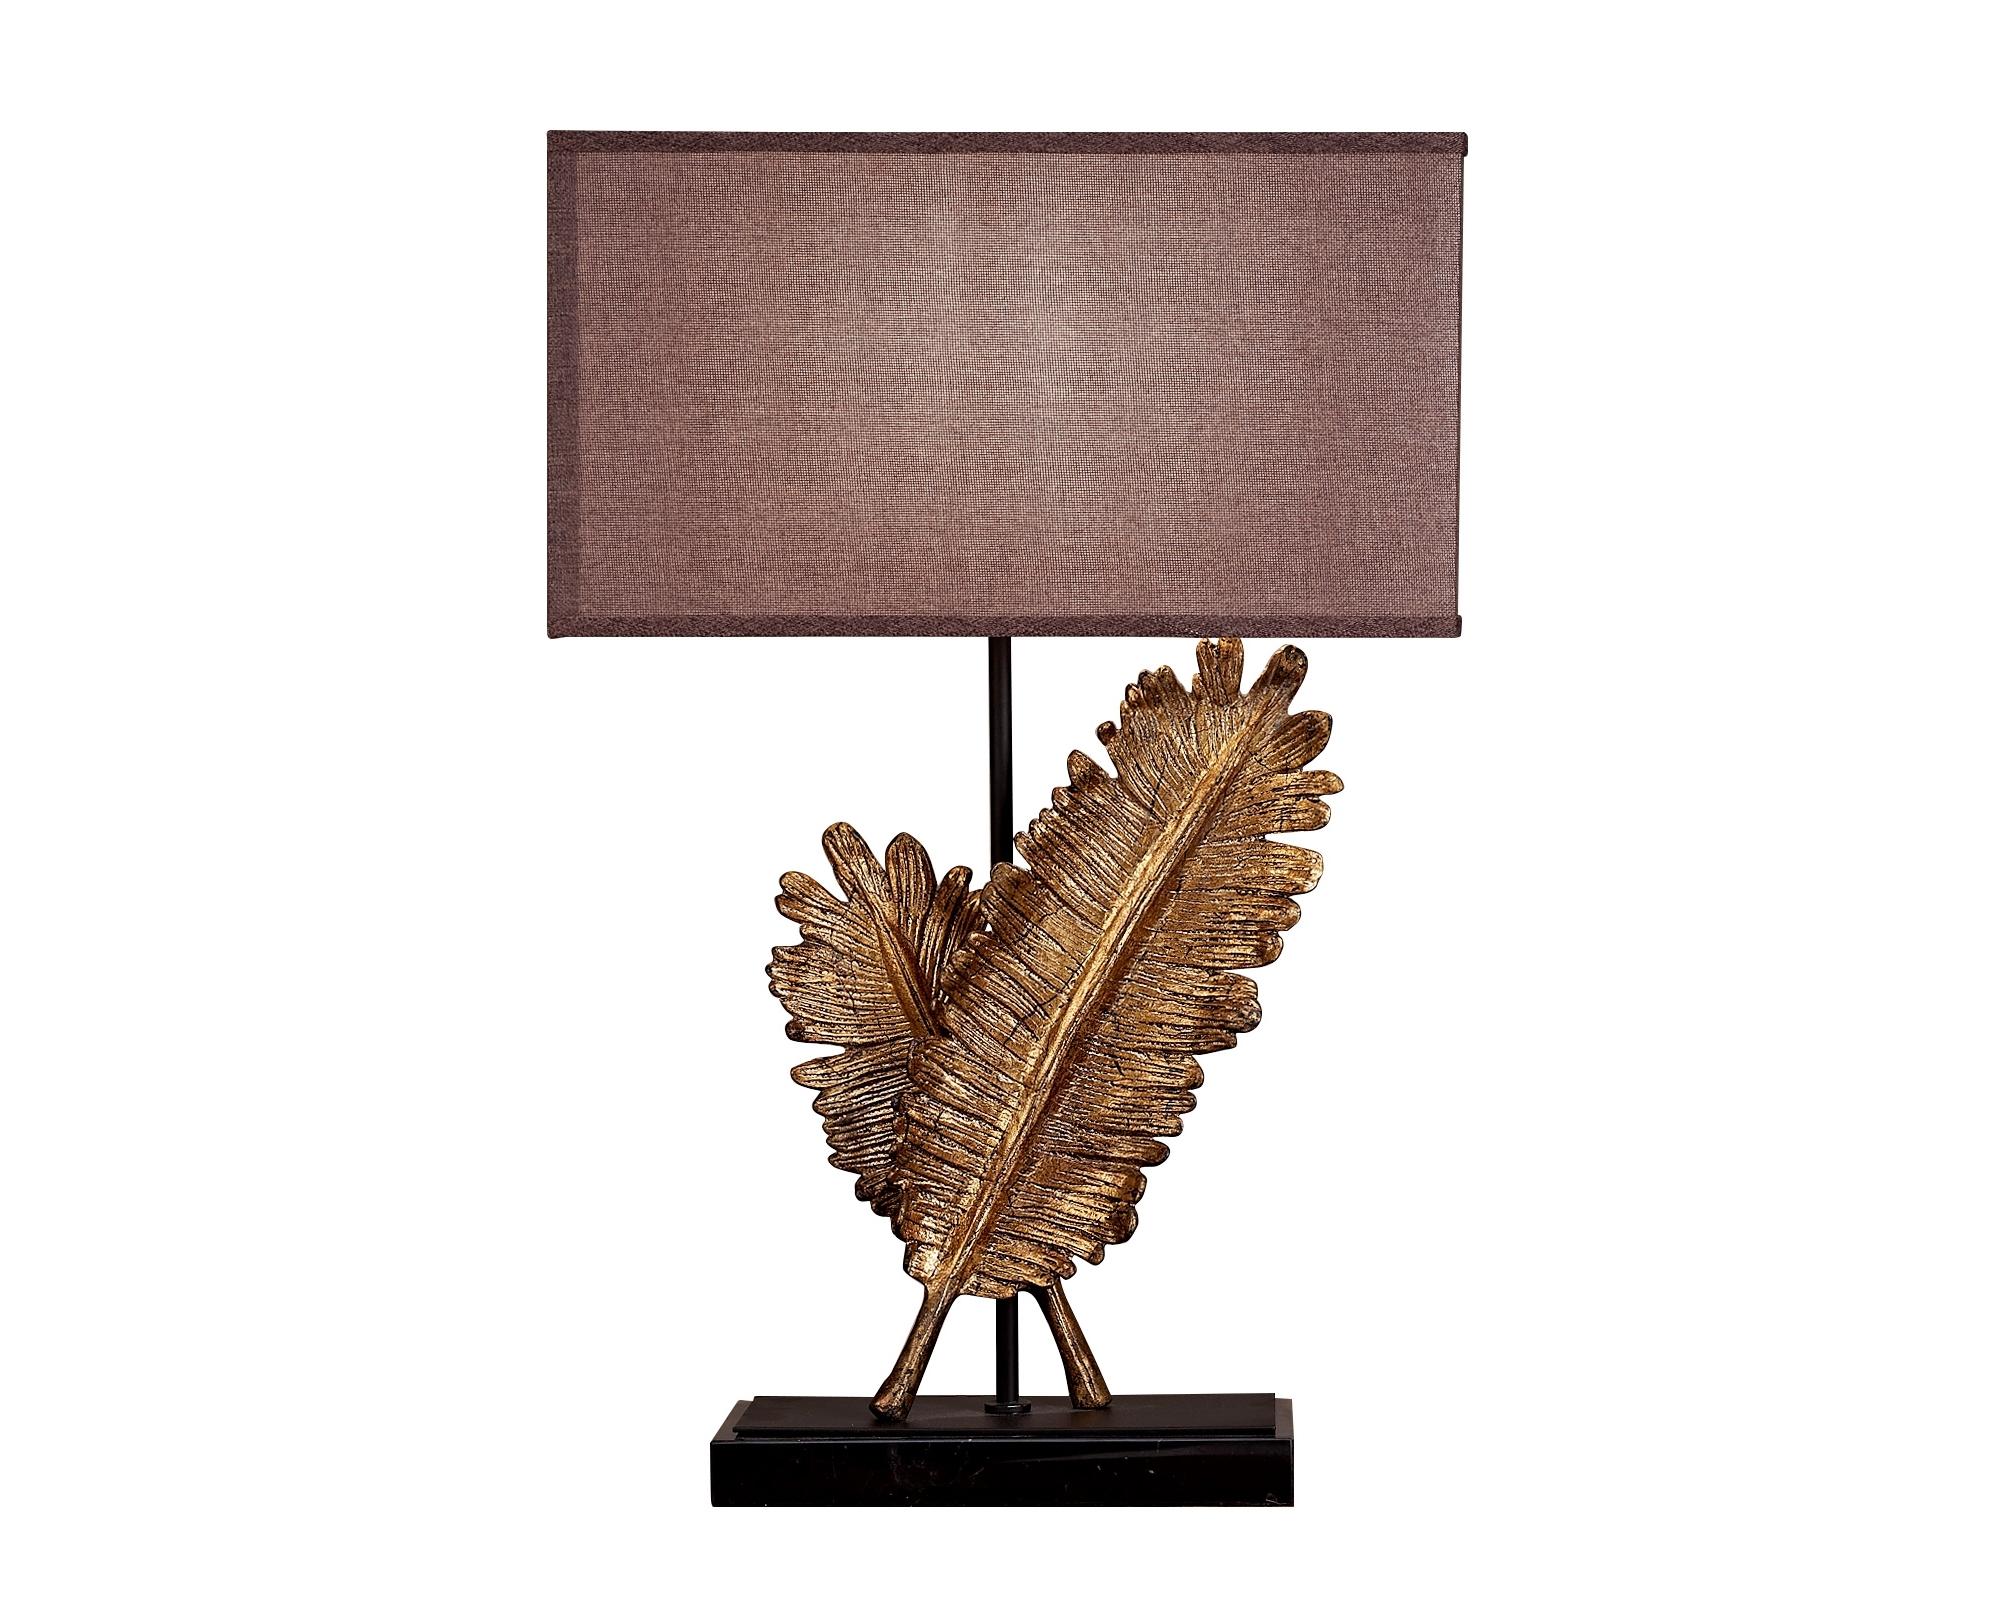 Светильник настольный LivornoДекоративные лампы<br>&amp;lt;div&amp;gt;Стильная настольная лампа с коричневым тканевым абажуром и с декоративным основанием цвета состаренного золота в виде перышек. Хорошо подойдет для современного интерьера, оформленного в винтажном, эко, ар-деко, фьюжн, минимализм и лофт стилях. В любом интерьере она будет ярким и стильным элементом декора.&amp;lt;/div&amp;gt;&amp;lt;div&amp;gt;&amp;lt;br&amp;gt;&amp;lt;/div&amp;gt;&amp;lt;div&amp;gt;Вид цоколя: E27&amp;lt;/div&amp;gt;&amp;lt;div&amp;gt;Мощность: 60W&amp;lt;/div&amp;gt;&amp;lt;div&amp;gt;Количество ламп: 1 (нет в комплекте)&amp;lt;/div&amp;gt;&amp;lt;div&amp;gt;Материал: цинковый сплав&amp;lt;br&amp;gt;&amp;lt;/div&amp;gt;<br><br>Material: Металл<br>Ширина см: 47.0<br>Высота см: 70.0<br>Глубина см: 25.0